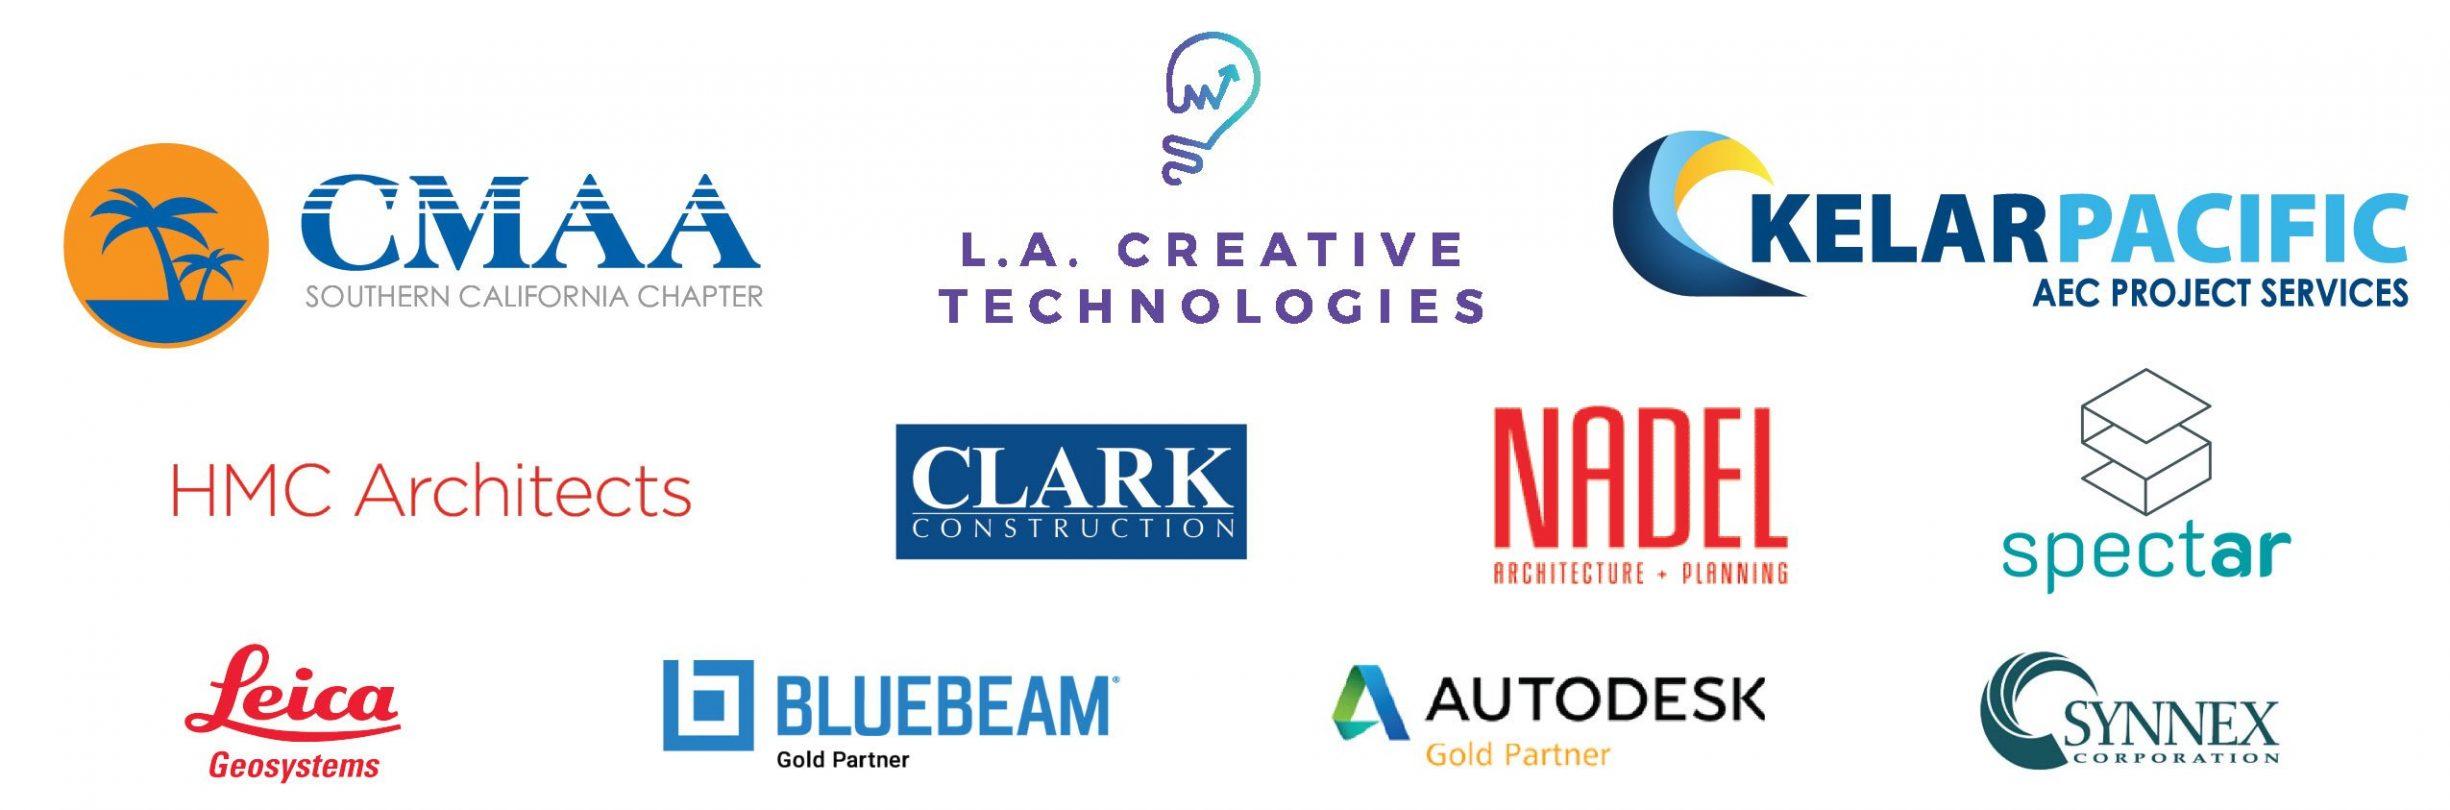 2020-0122-LA-KP-Event logos